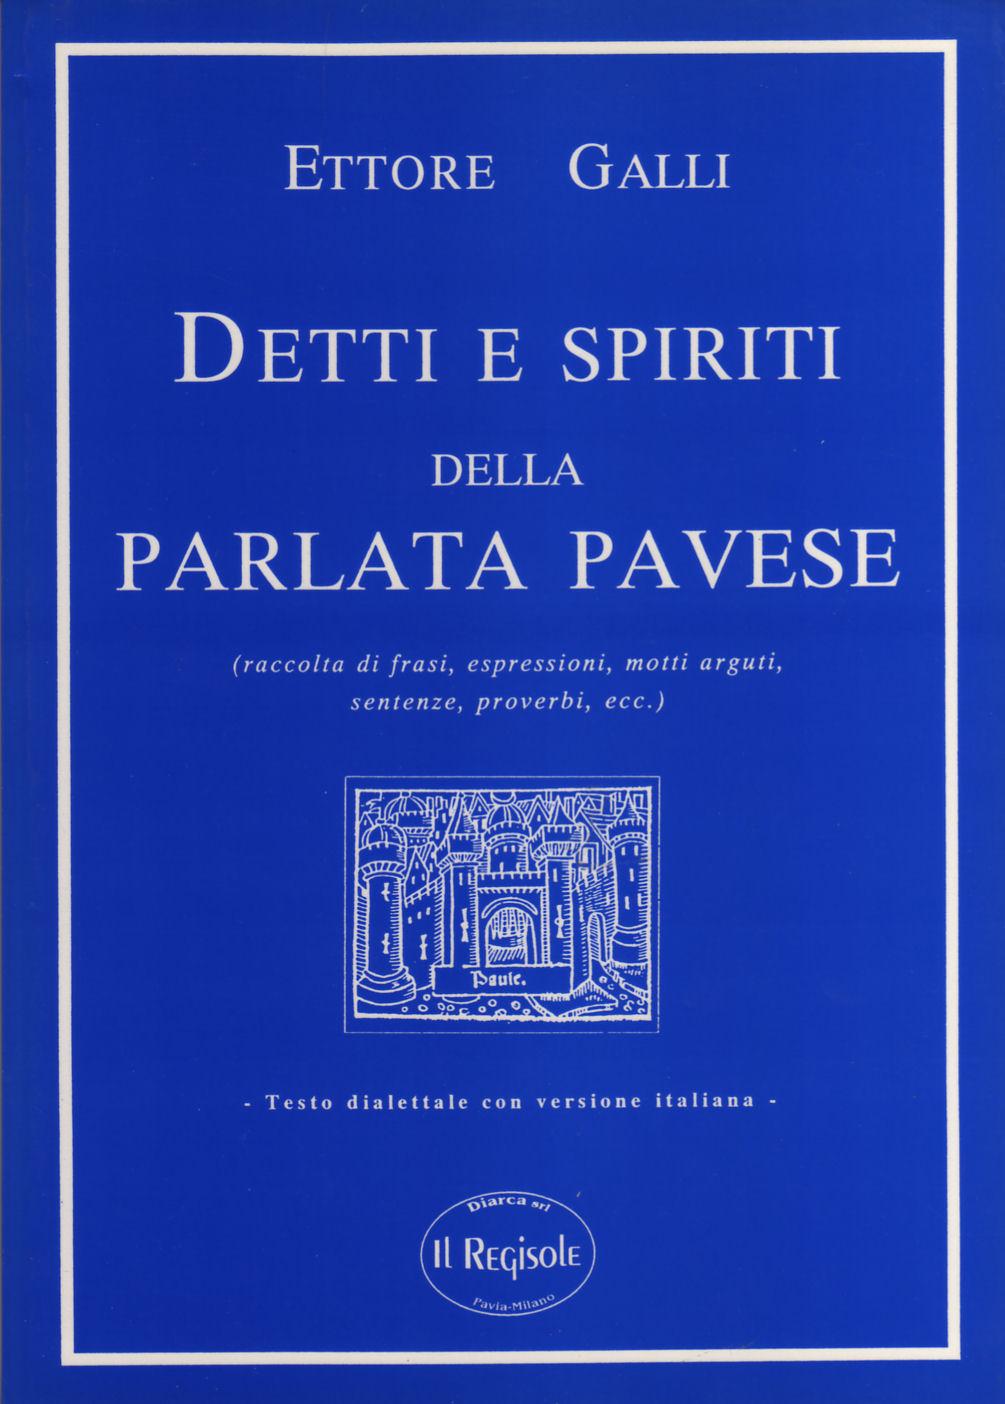 Detti e spiriti della parlata pavese